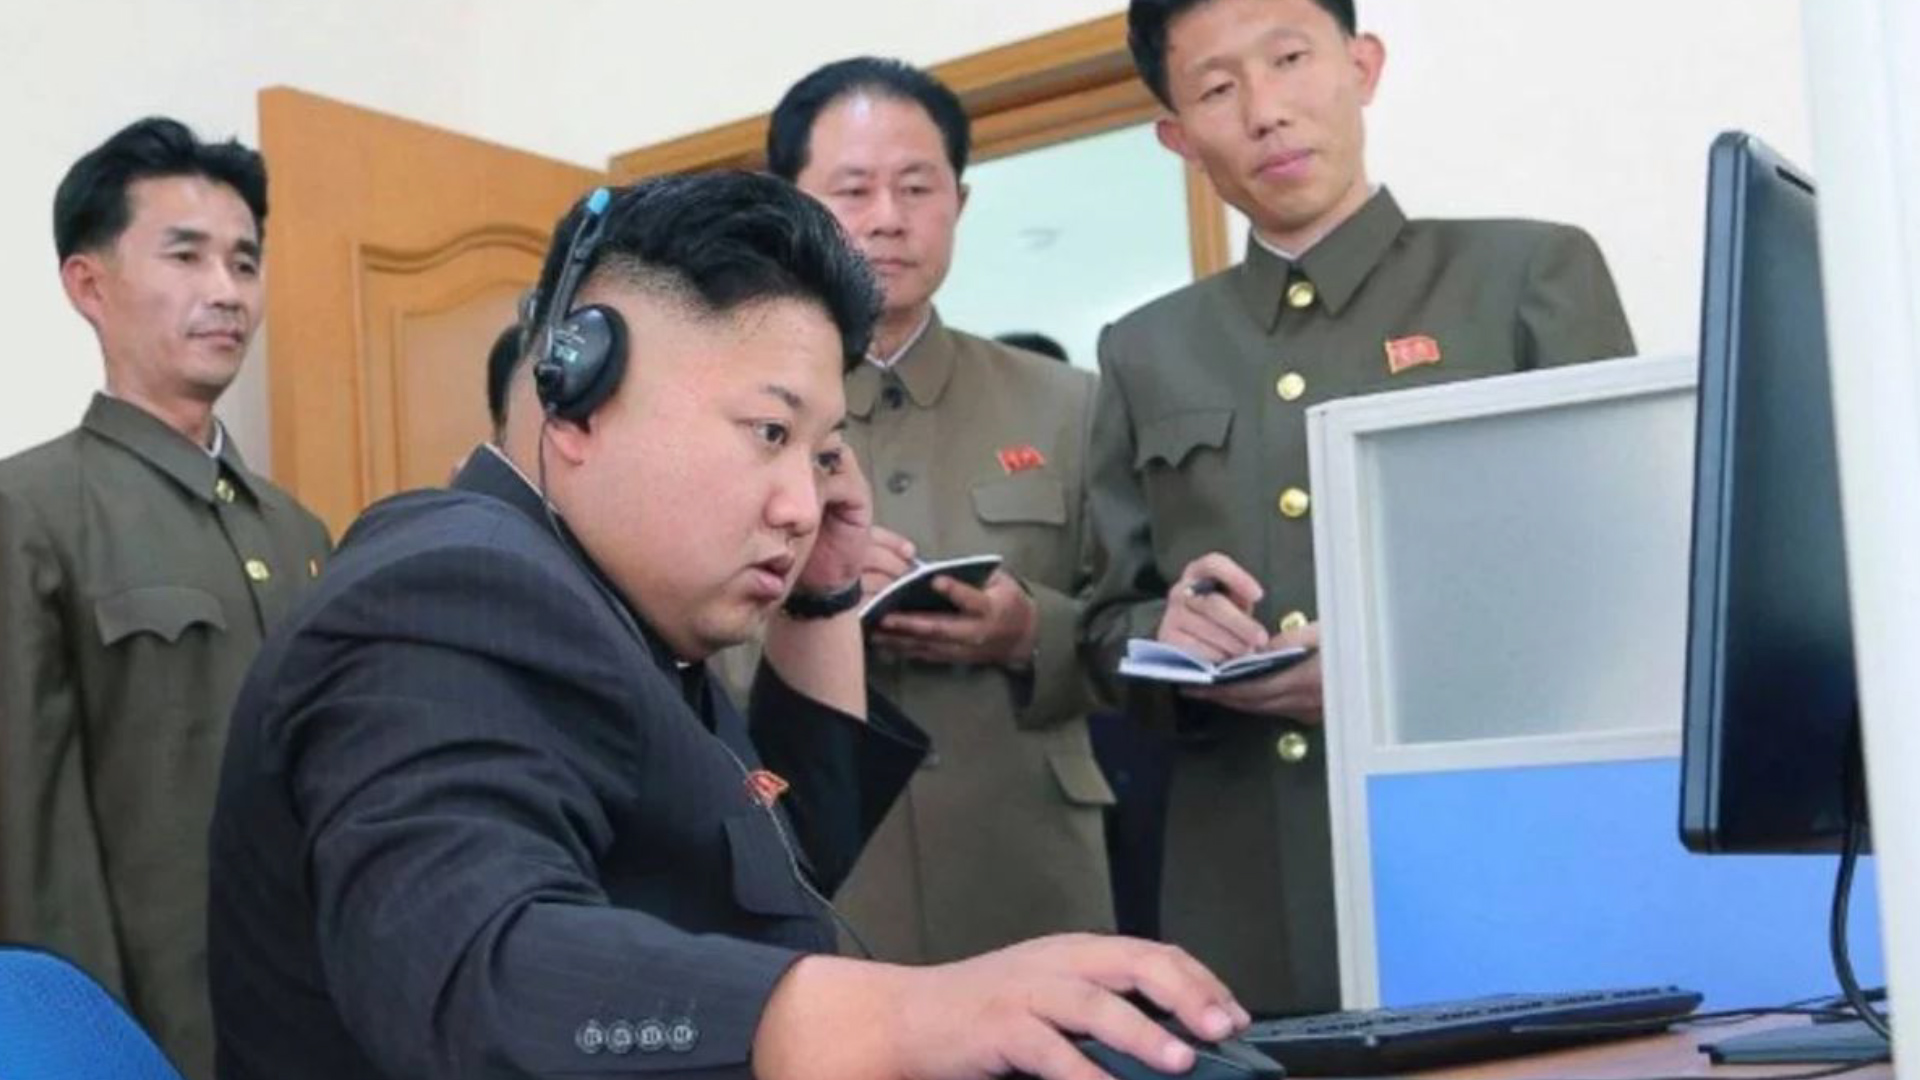 29/11 El dictador norcoreano Kim Jong-un lanza su 23° misil de prueba del año, en una escalada de la tensión nuclear en el Pacífico.